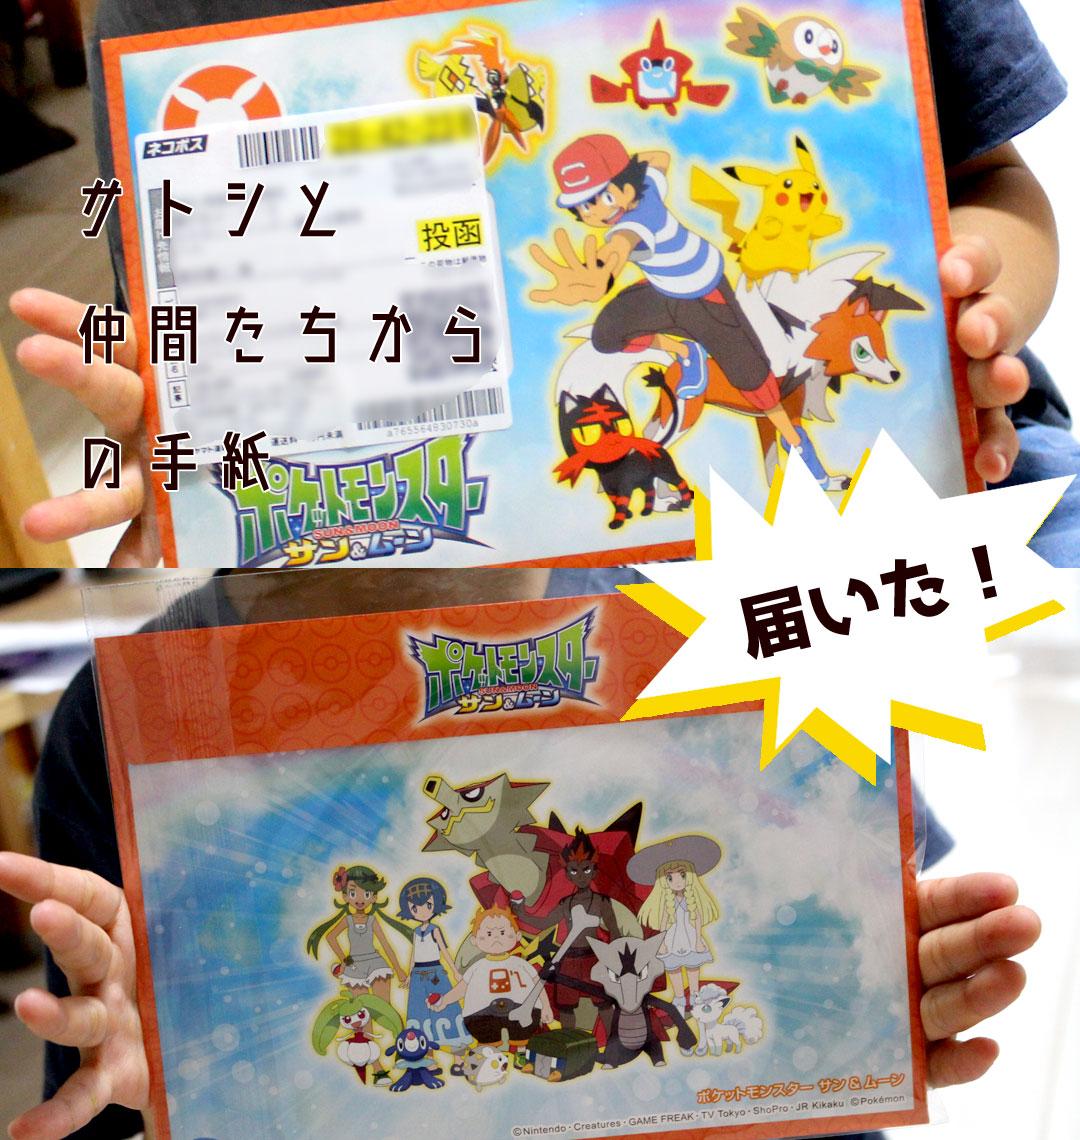 ポケットモンスター『サトシと仲間たちからの手紙』が届きました!キャラクターいっぱいの楽しい封筒です。